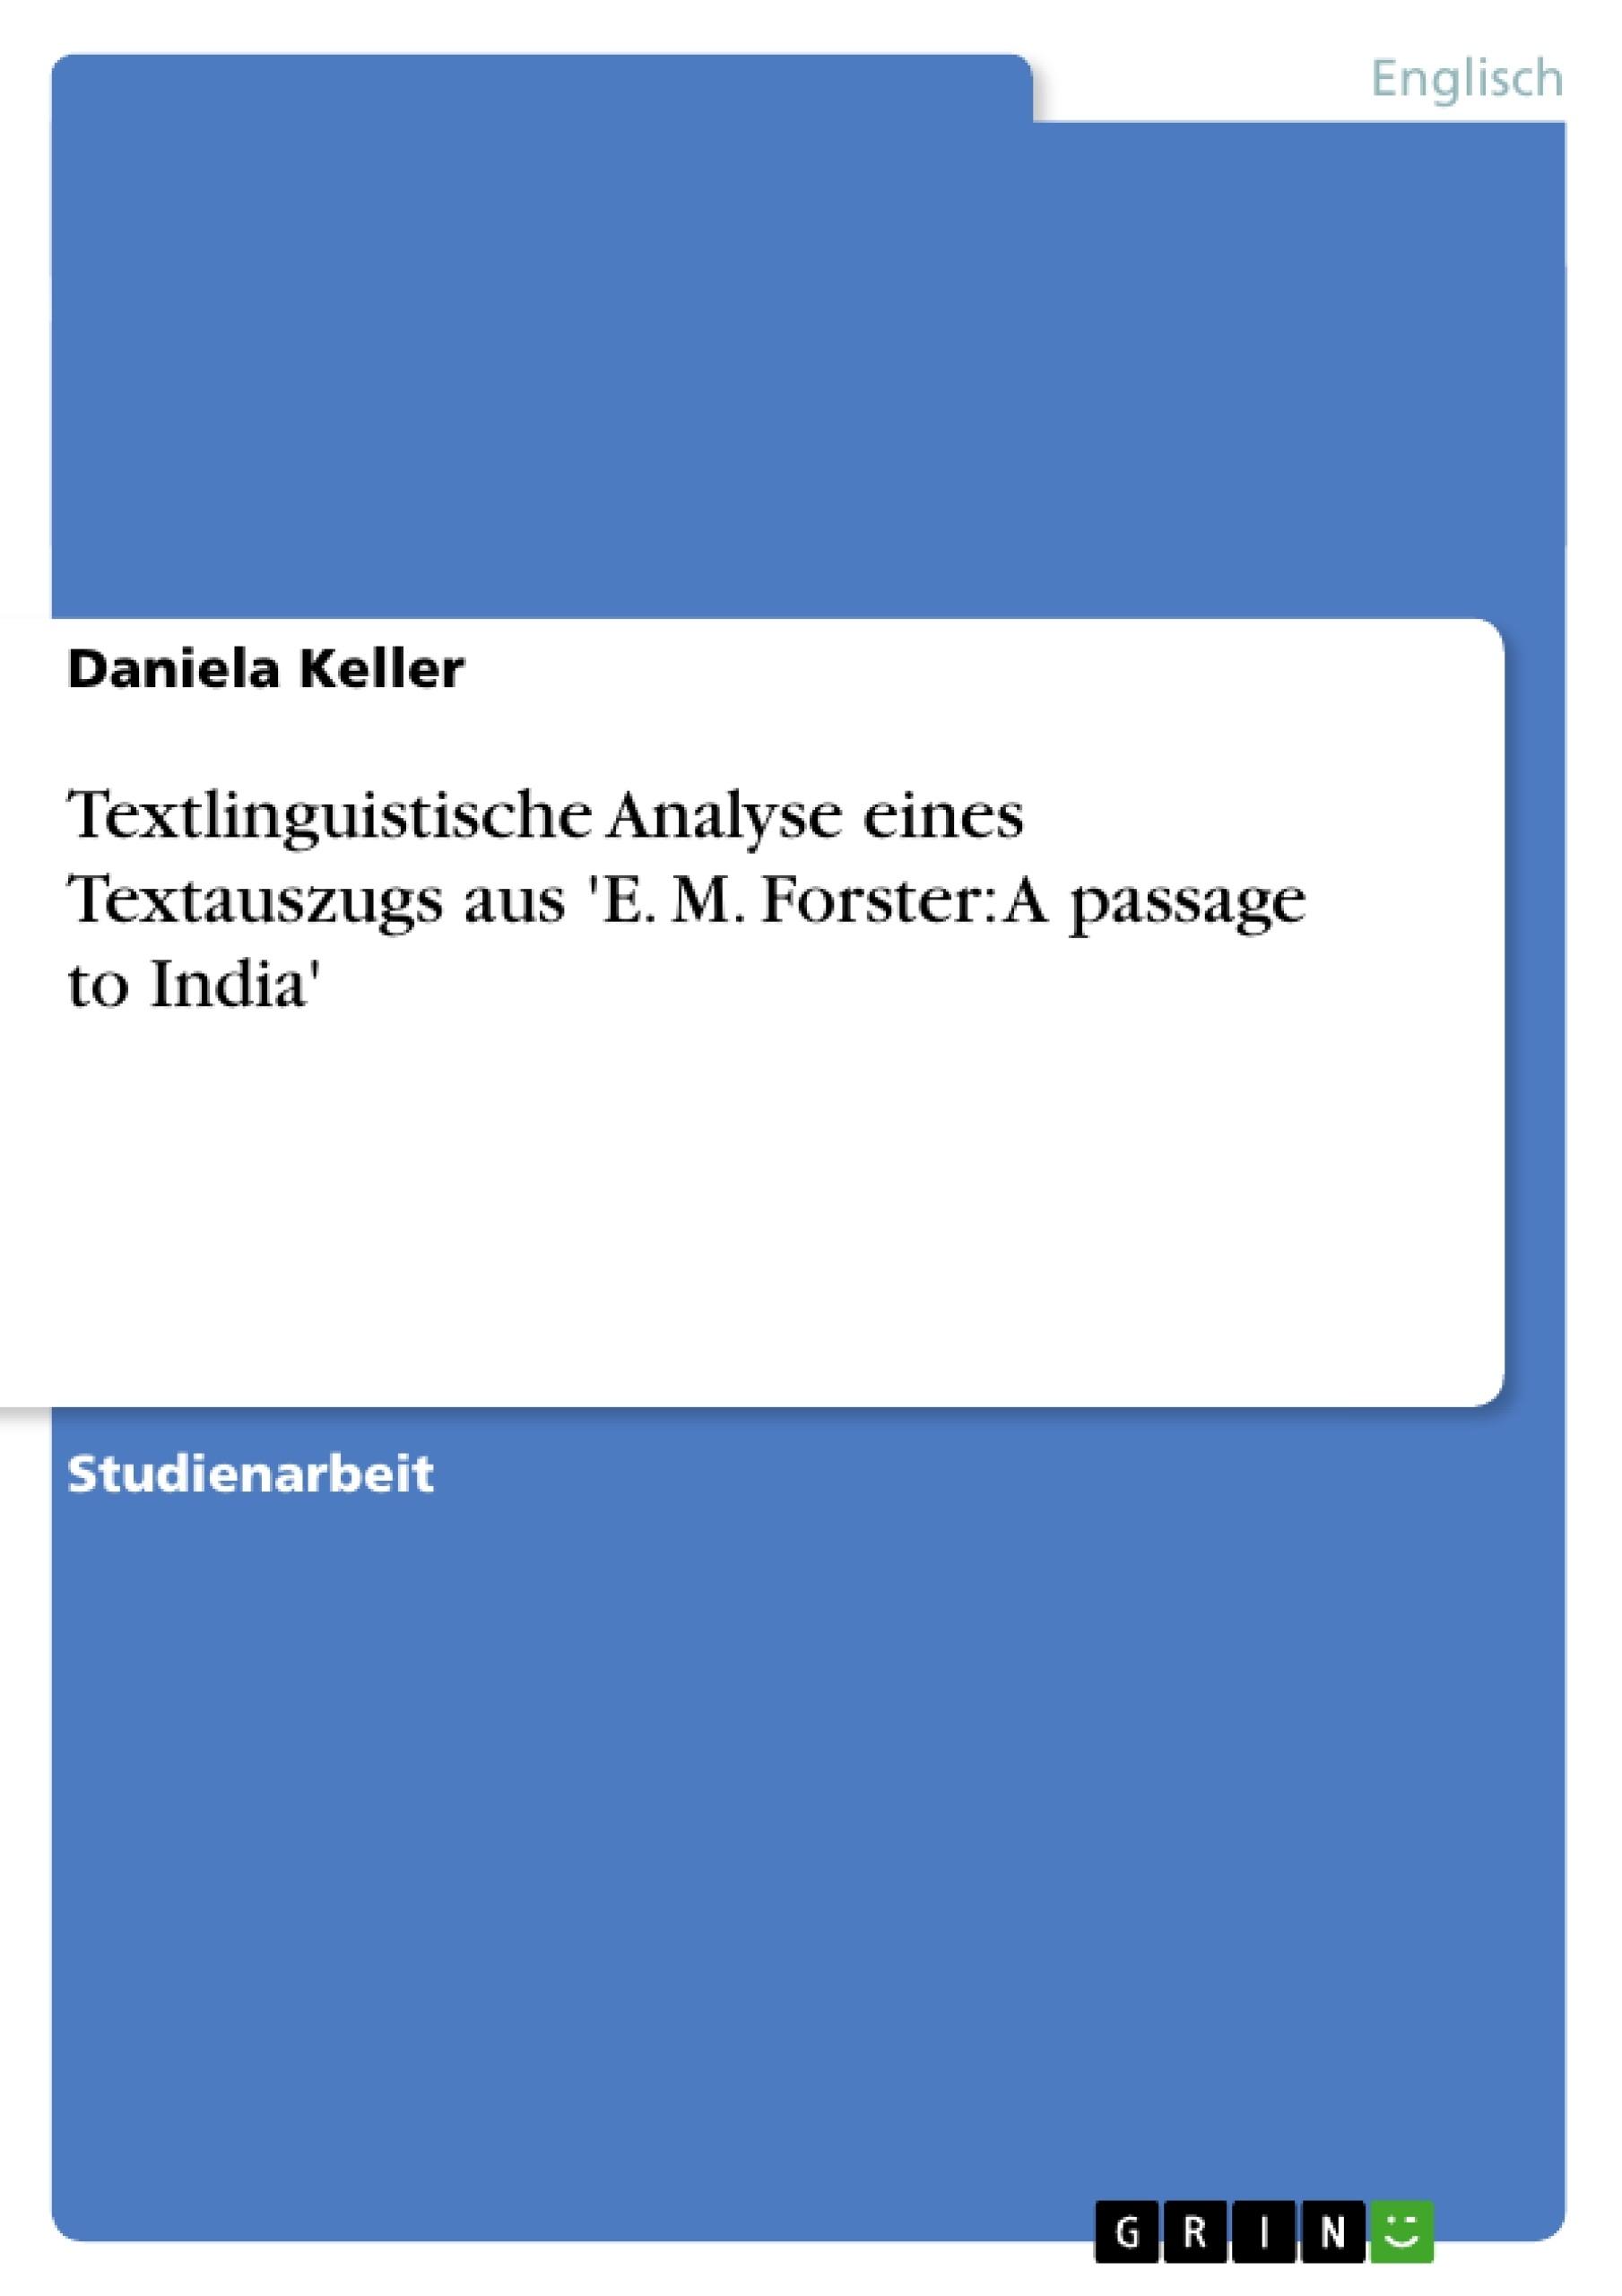 Titel: Textlinguistische Analyse eines Textauszugs aus 'E. M. Forster: A passage to India'